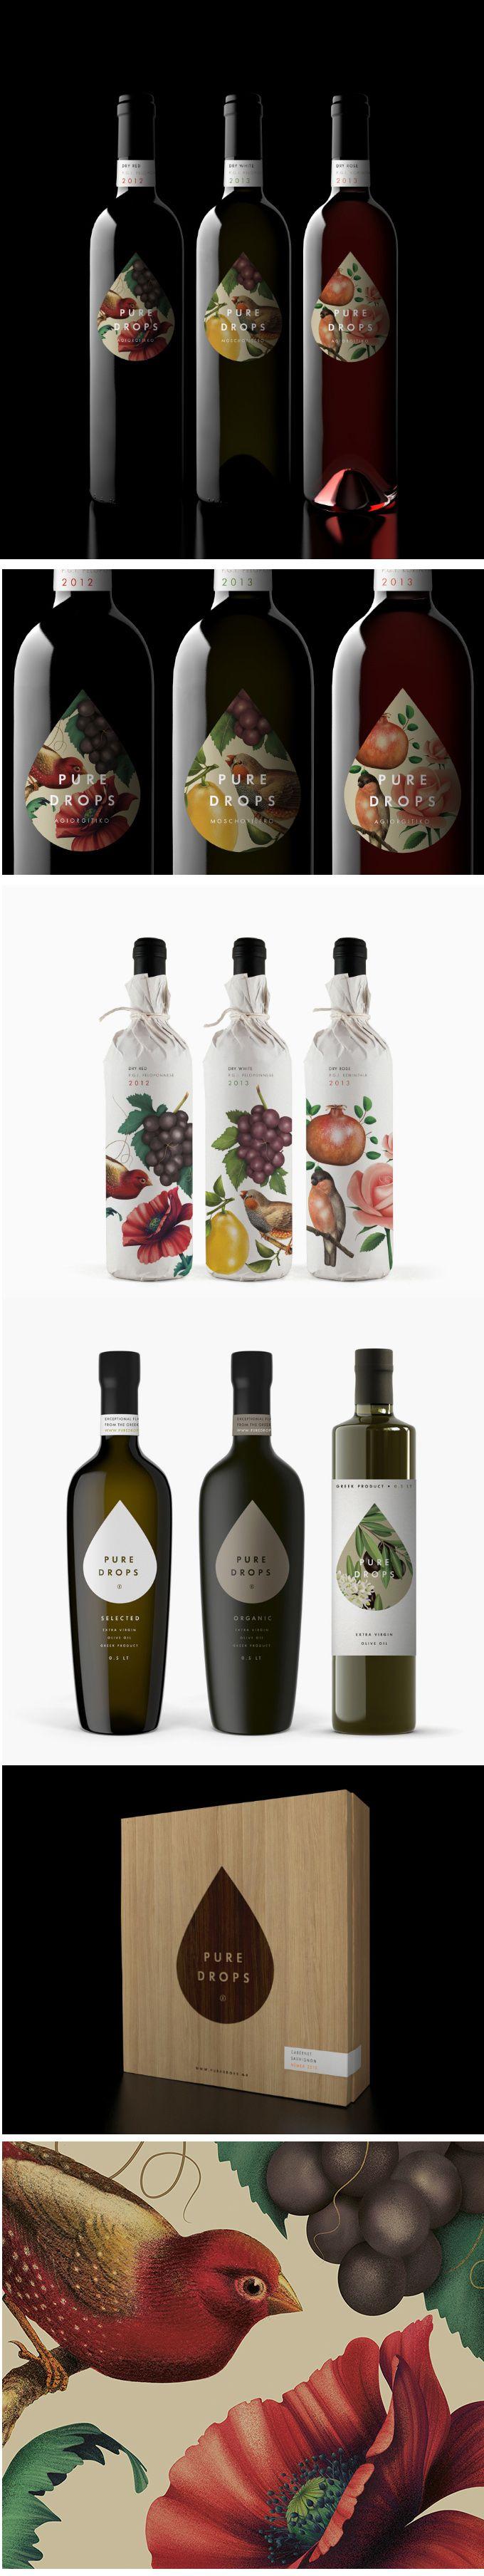 Beautiful illustrations Förpackad -Blogg om Förpackningsdesign, Förpackningar, Grafisk Design - CAP&Design